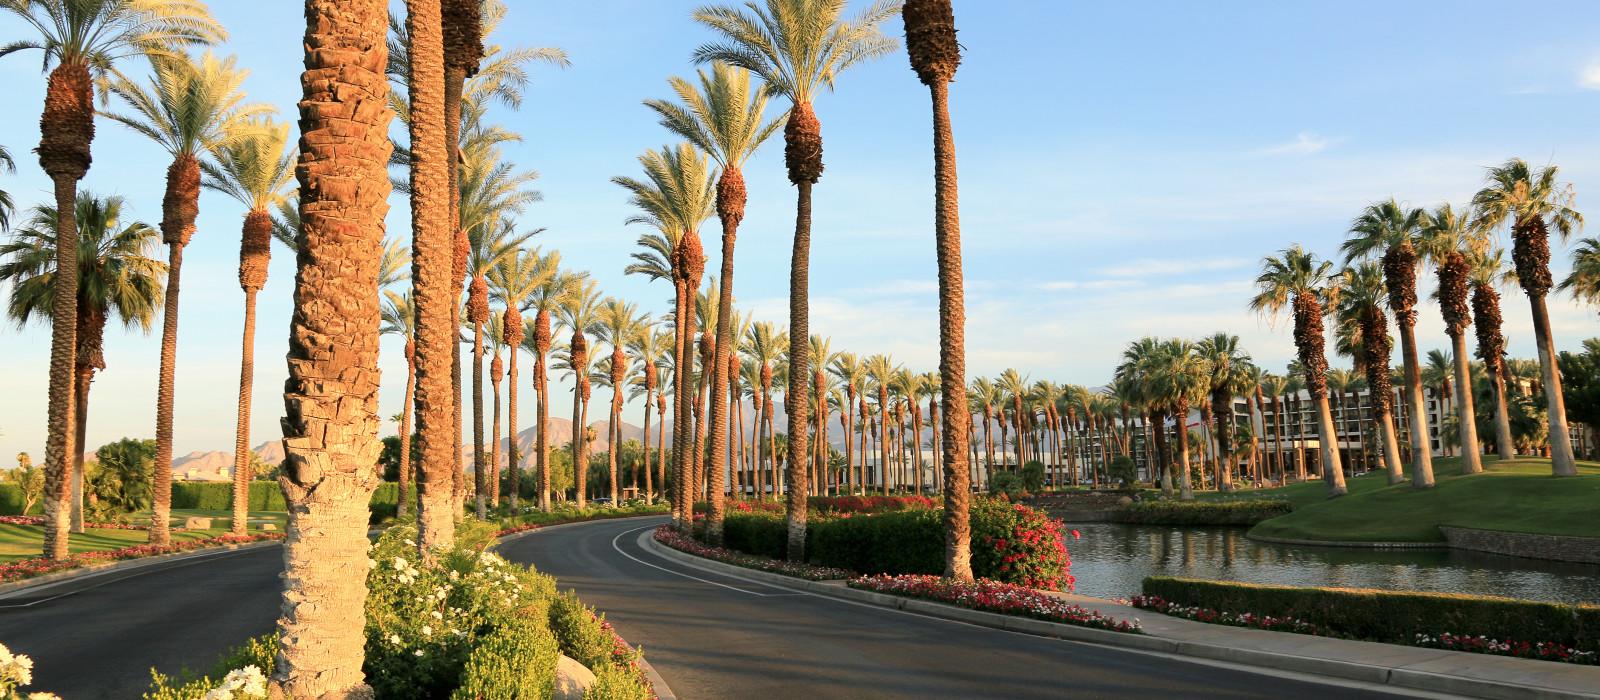 Reiseziel Palm Springs USA